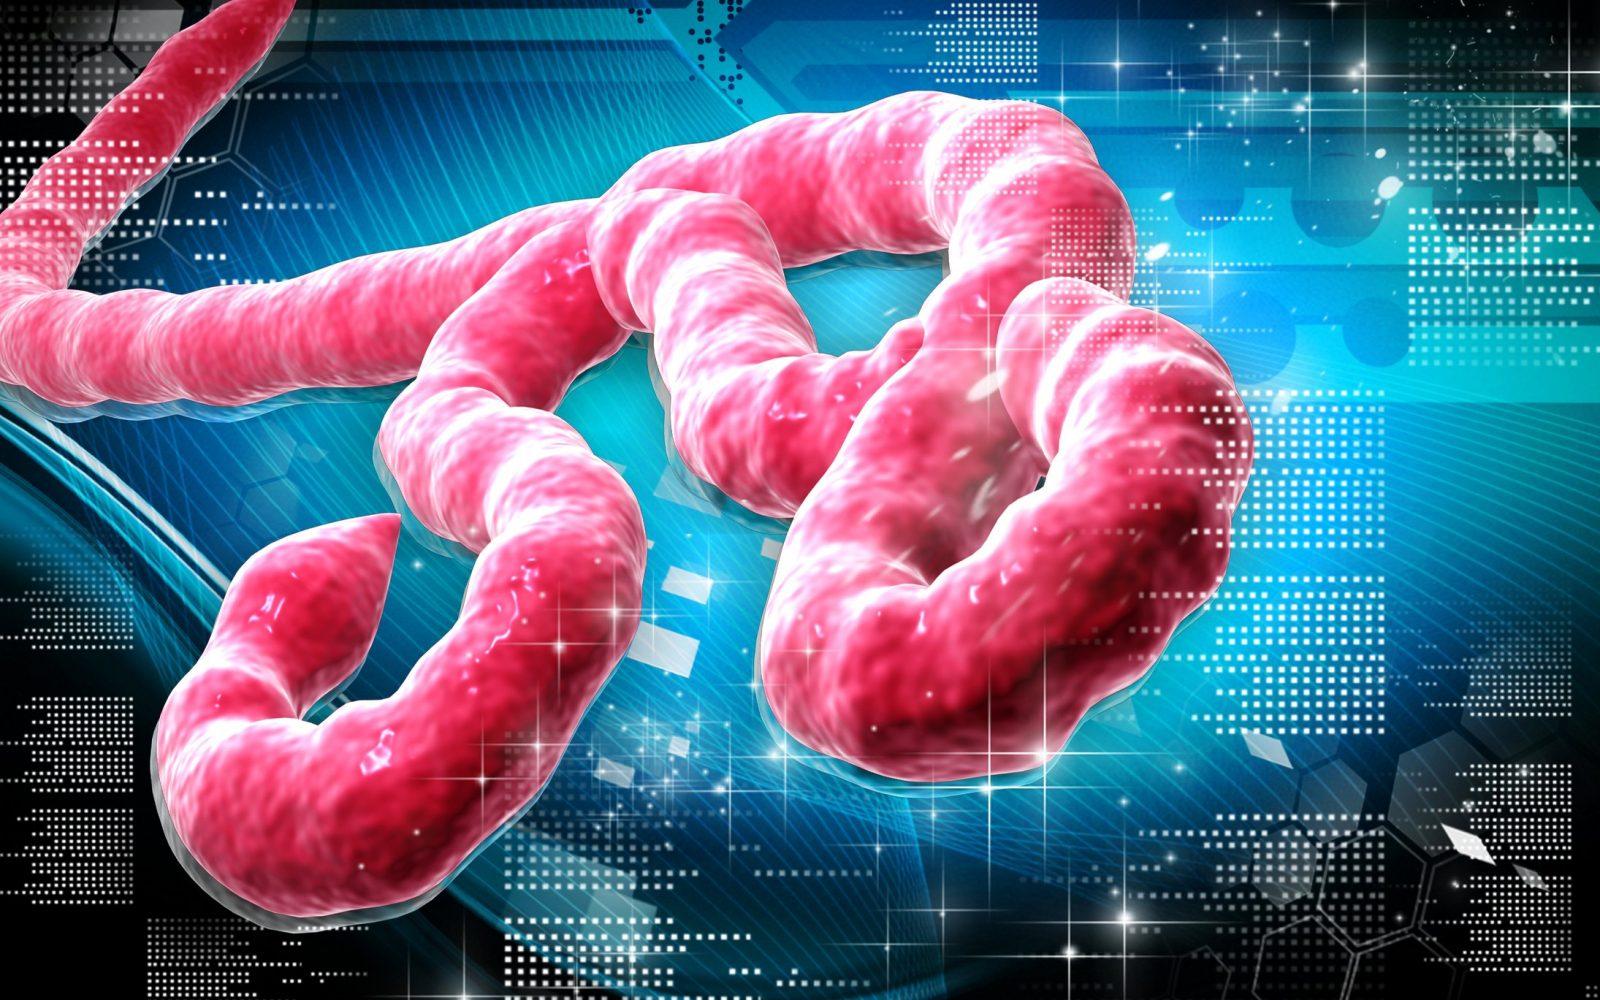 Вирус Эбола. Будет ли вспышка в России и Америке?